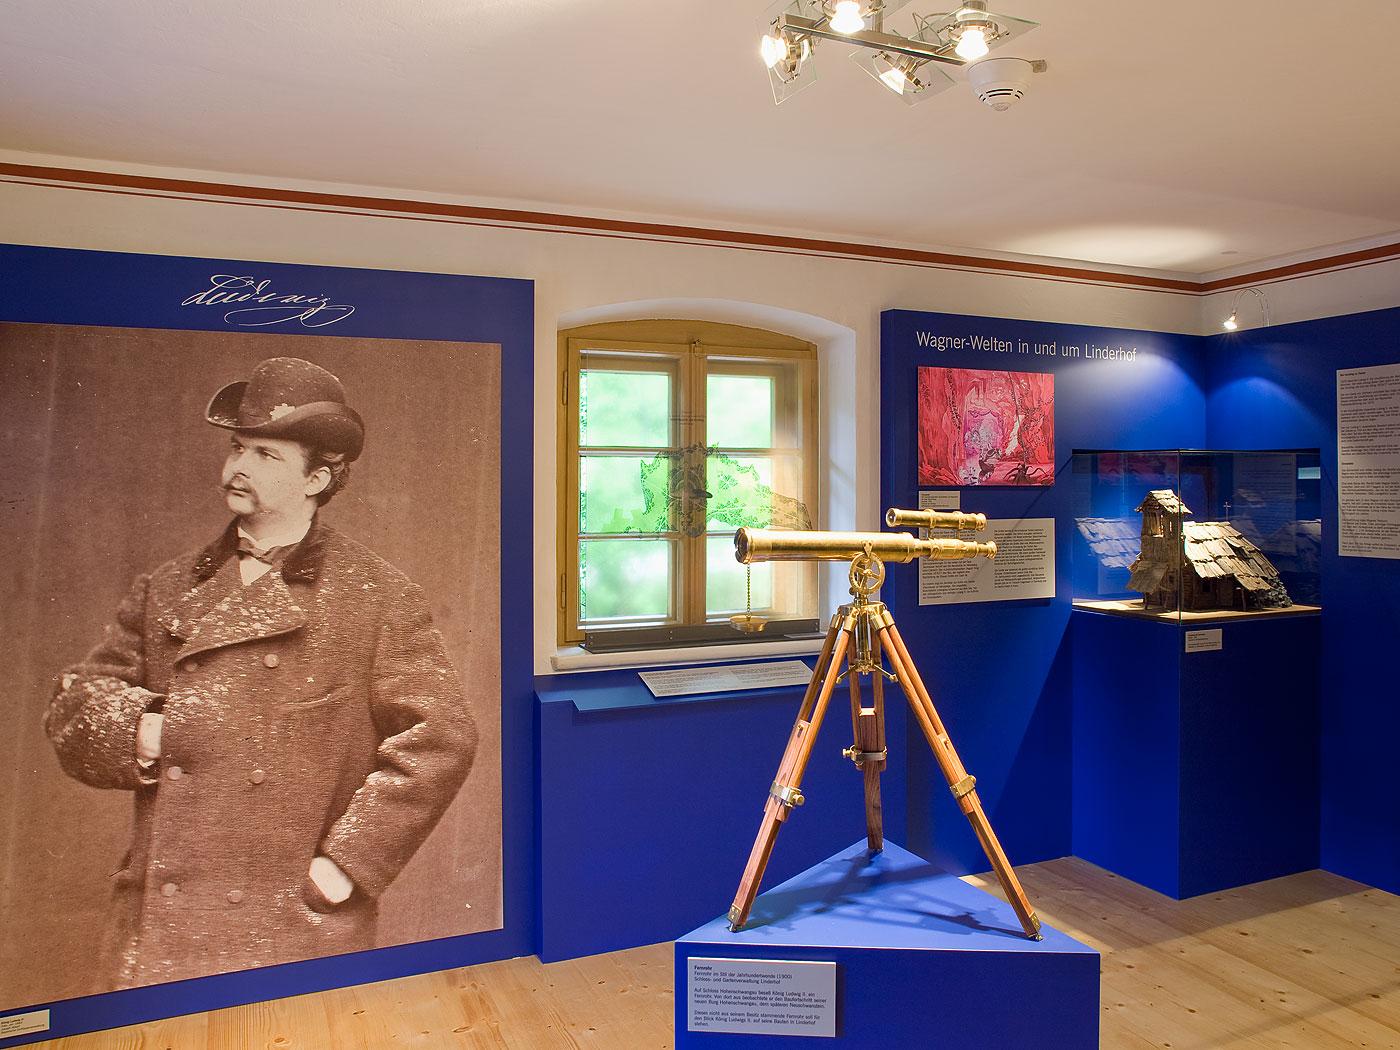 Bayerische Schlösserverwaltung Schlossanlage Linderhof Publikationen